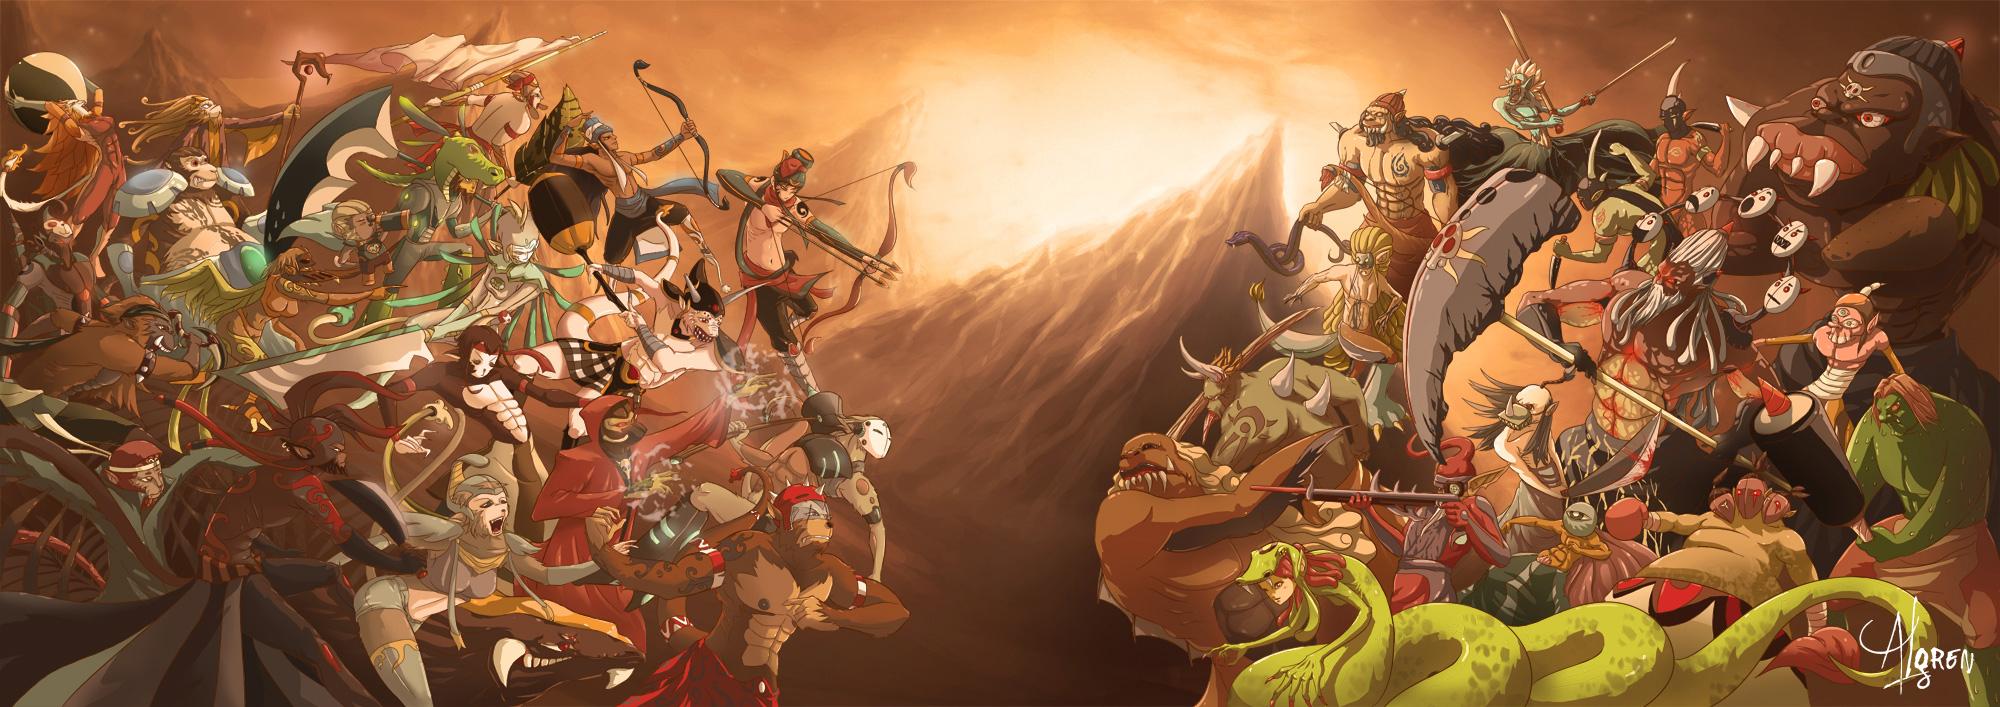 good vs evil in the ramayana